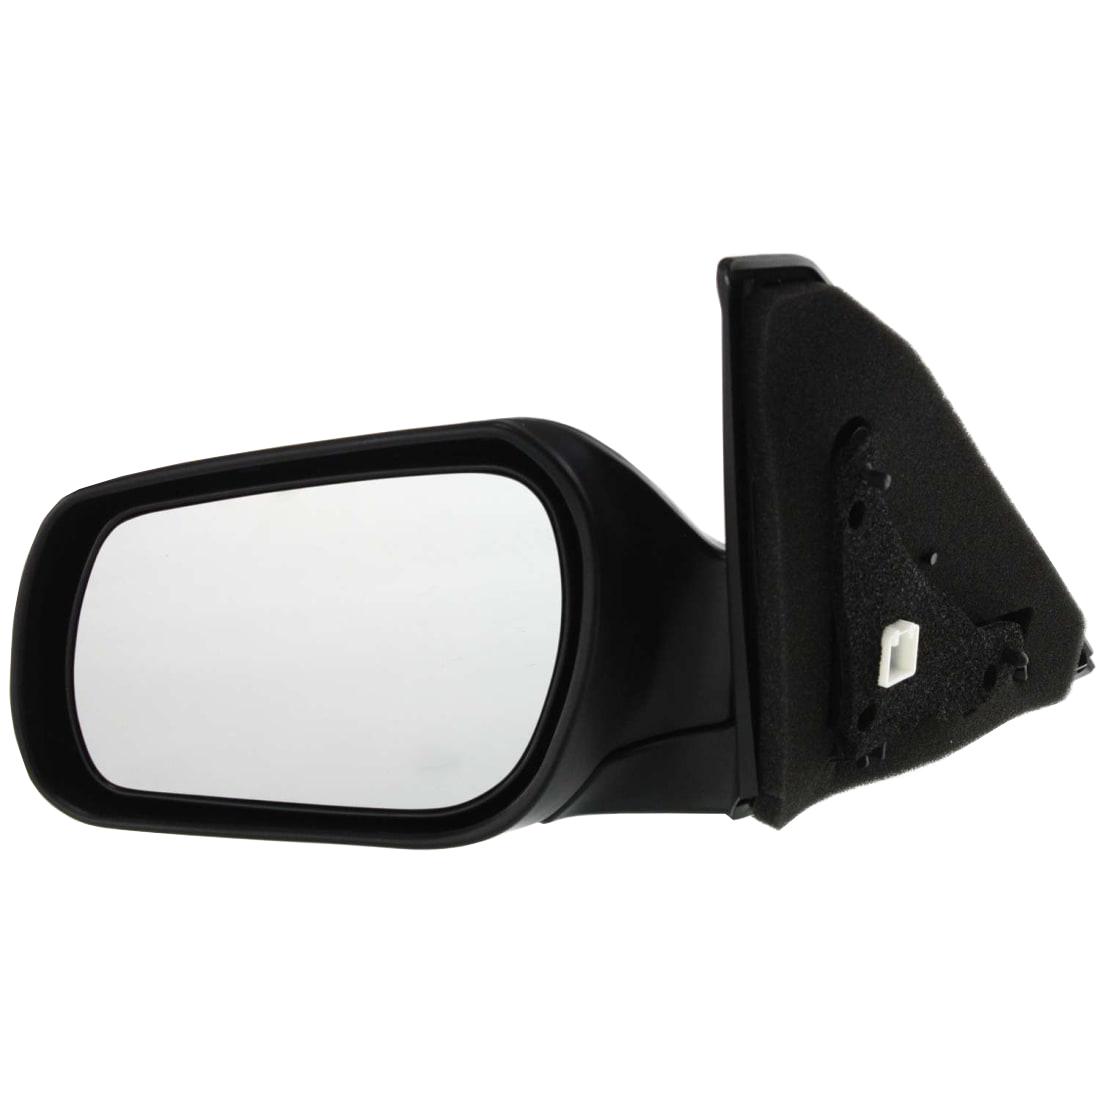 آیینه جانبی چپ خودرو مدل MA44EL مناسب برای مزدا 3